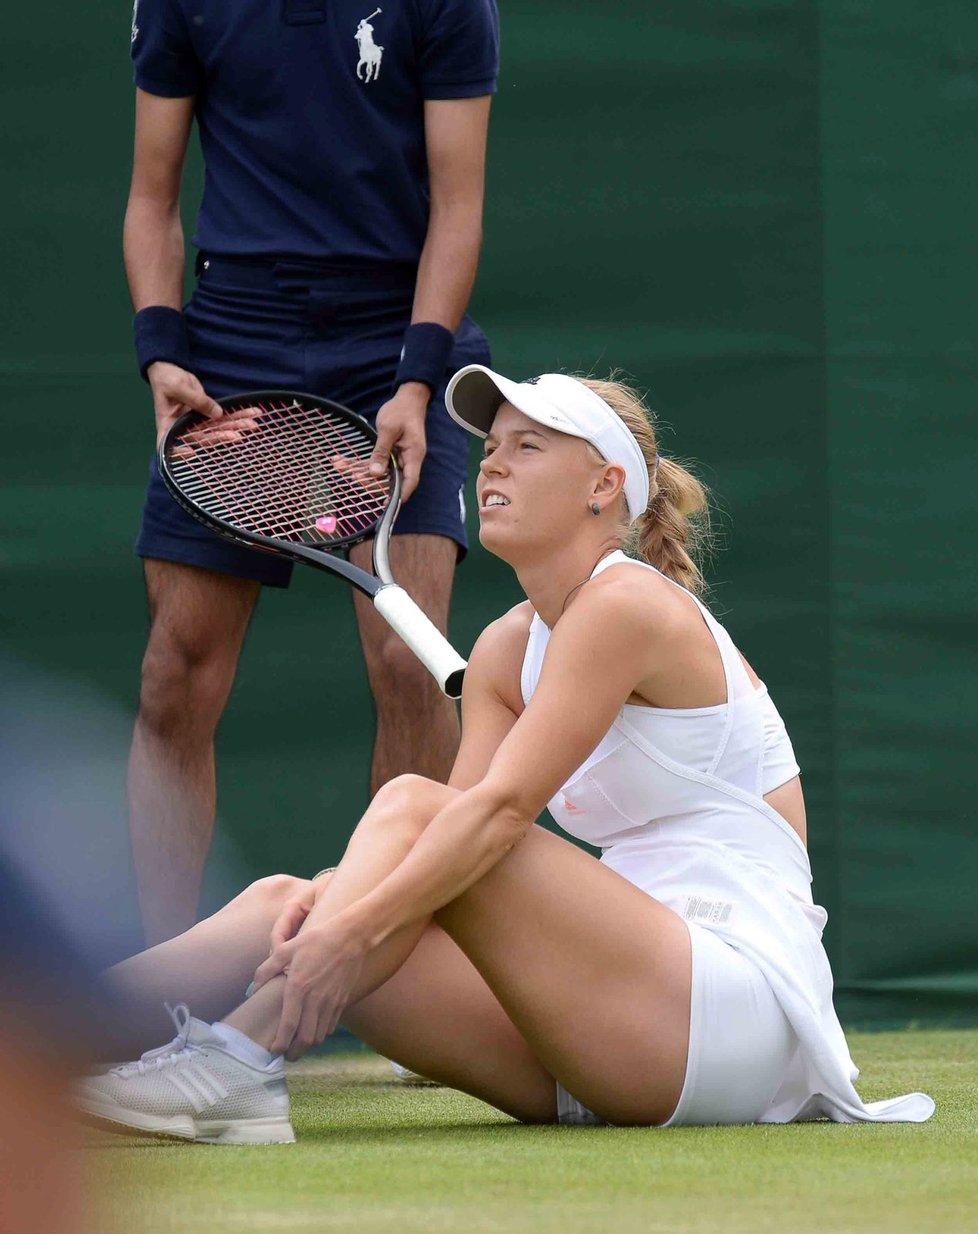 Wimbledon 2013 : injuries and falls..